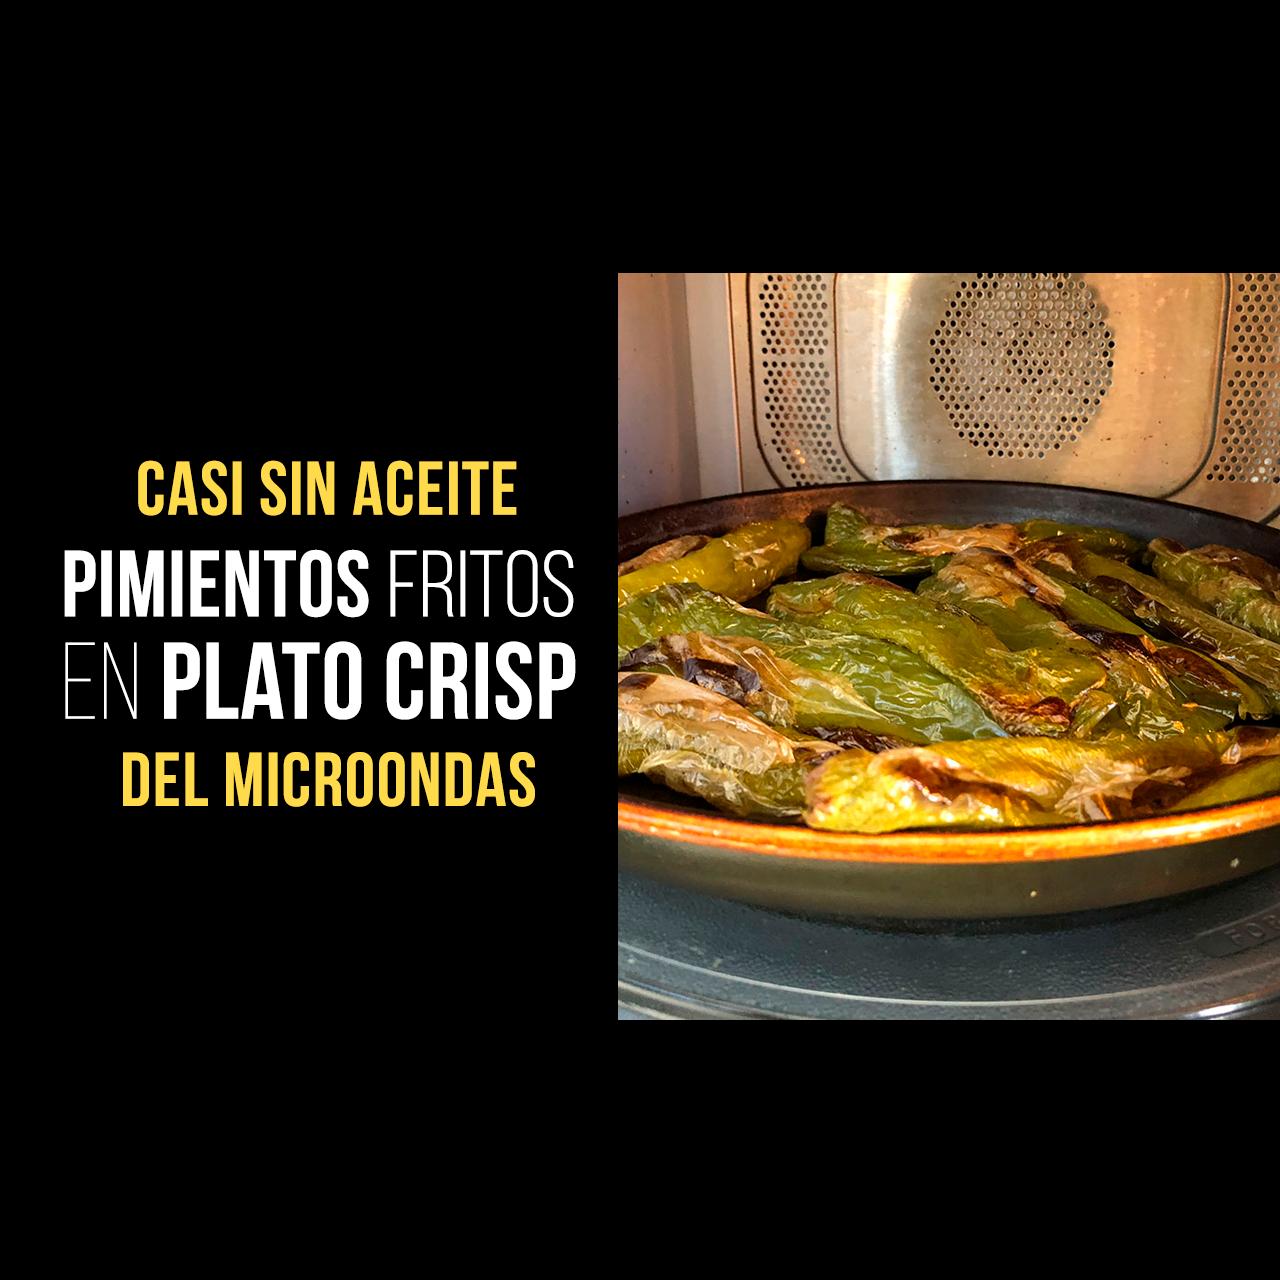 Pimientos Fritos en Plato Crisp casi sin Aceite